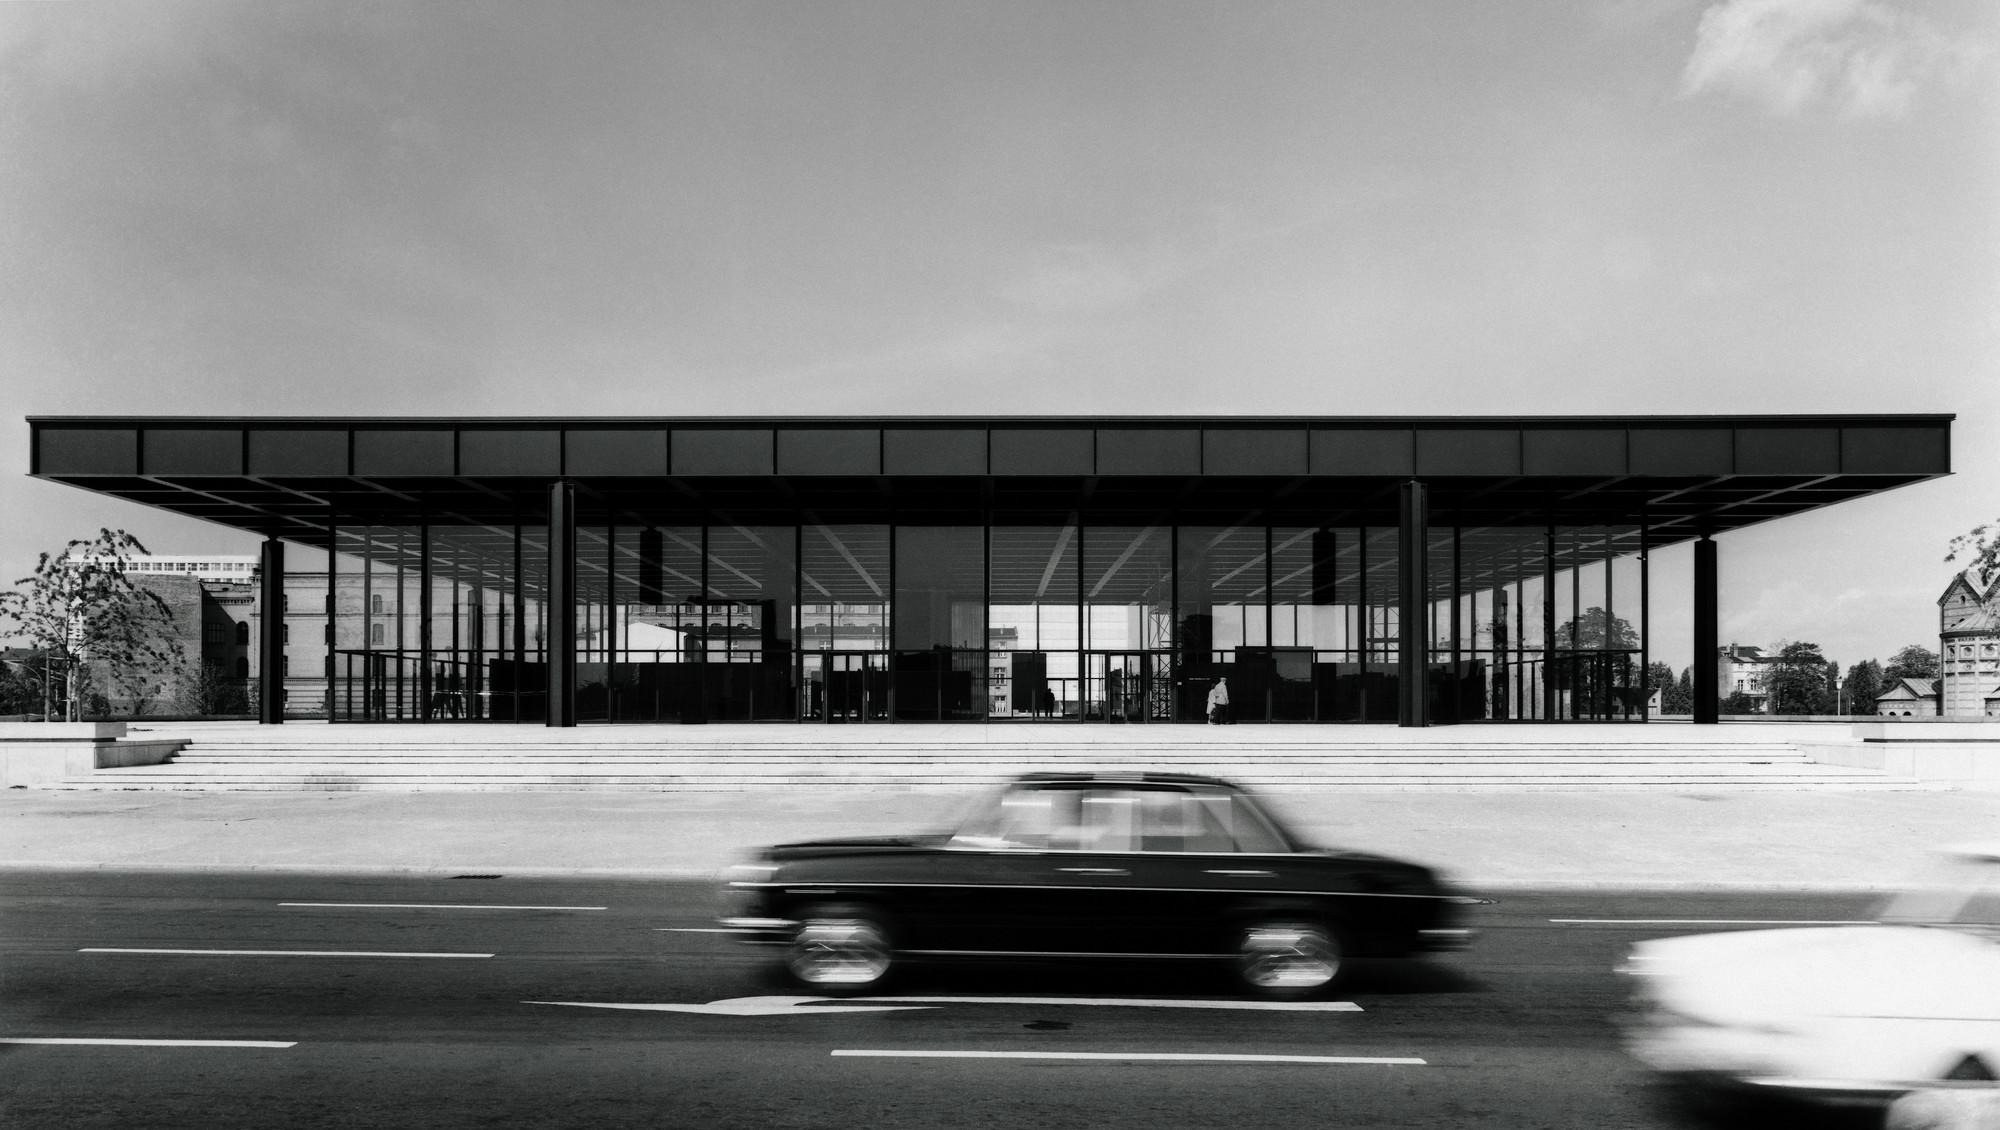 La galería en 1968. Imagen © Archiv Neue Nationalgalerie, Nationalgalerie, Staatliche Museen zu Berlin, foto: Reinhard Friedrich